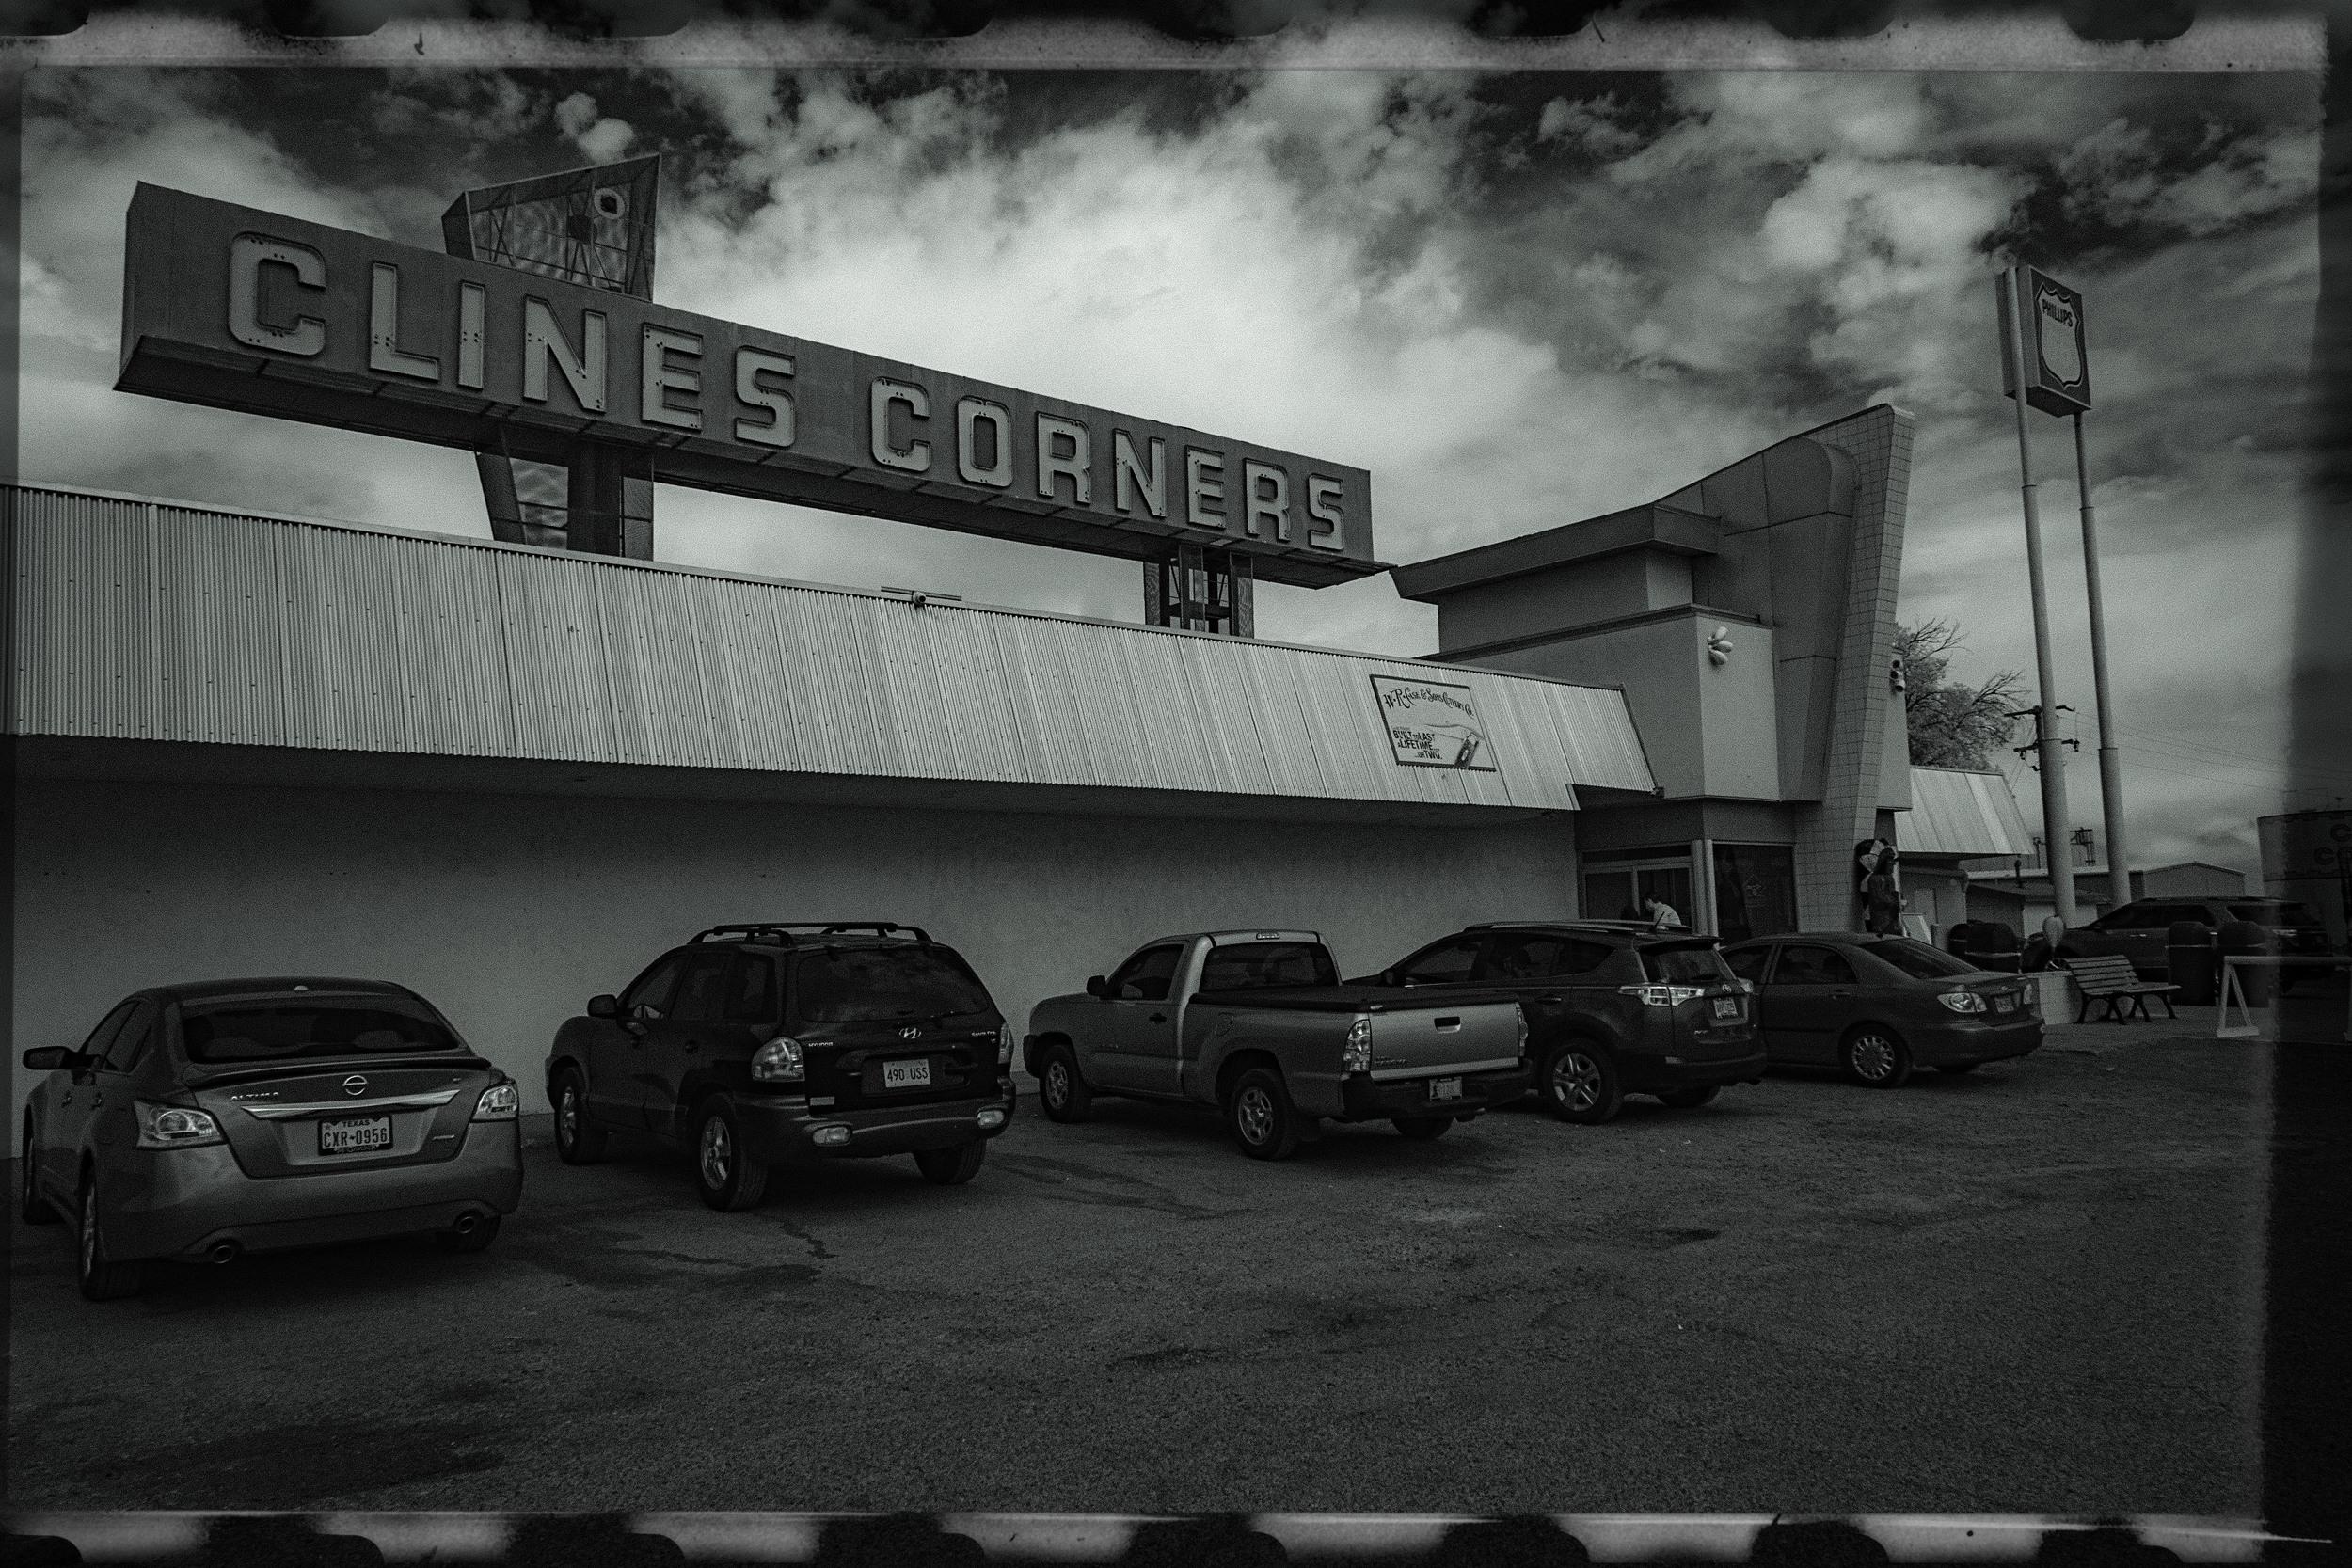 Cline's Corners - Route 66